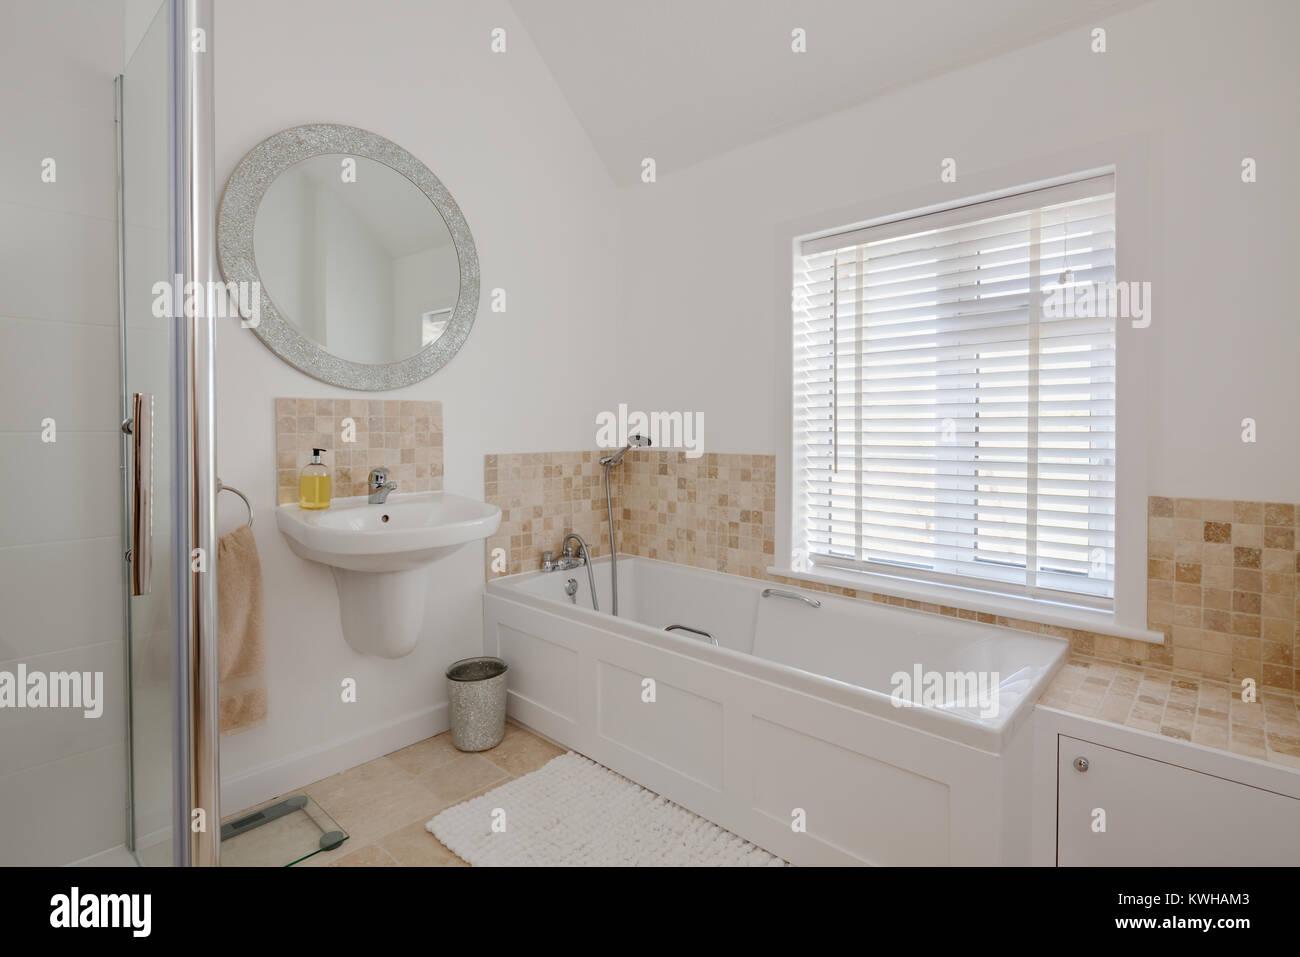 Casa blanca brillante ba o con pared compacto cuenca for Espejo ducha